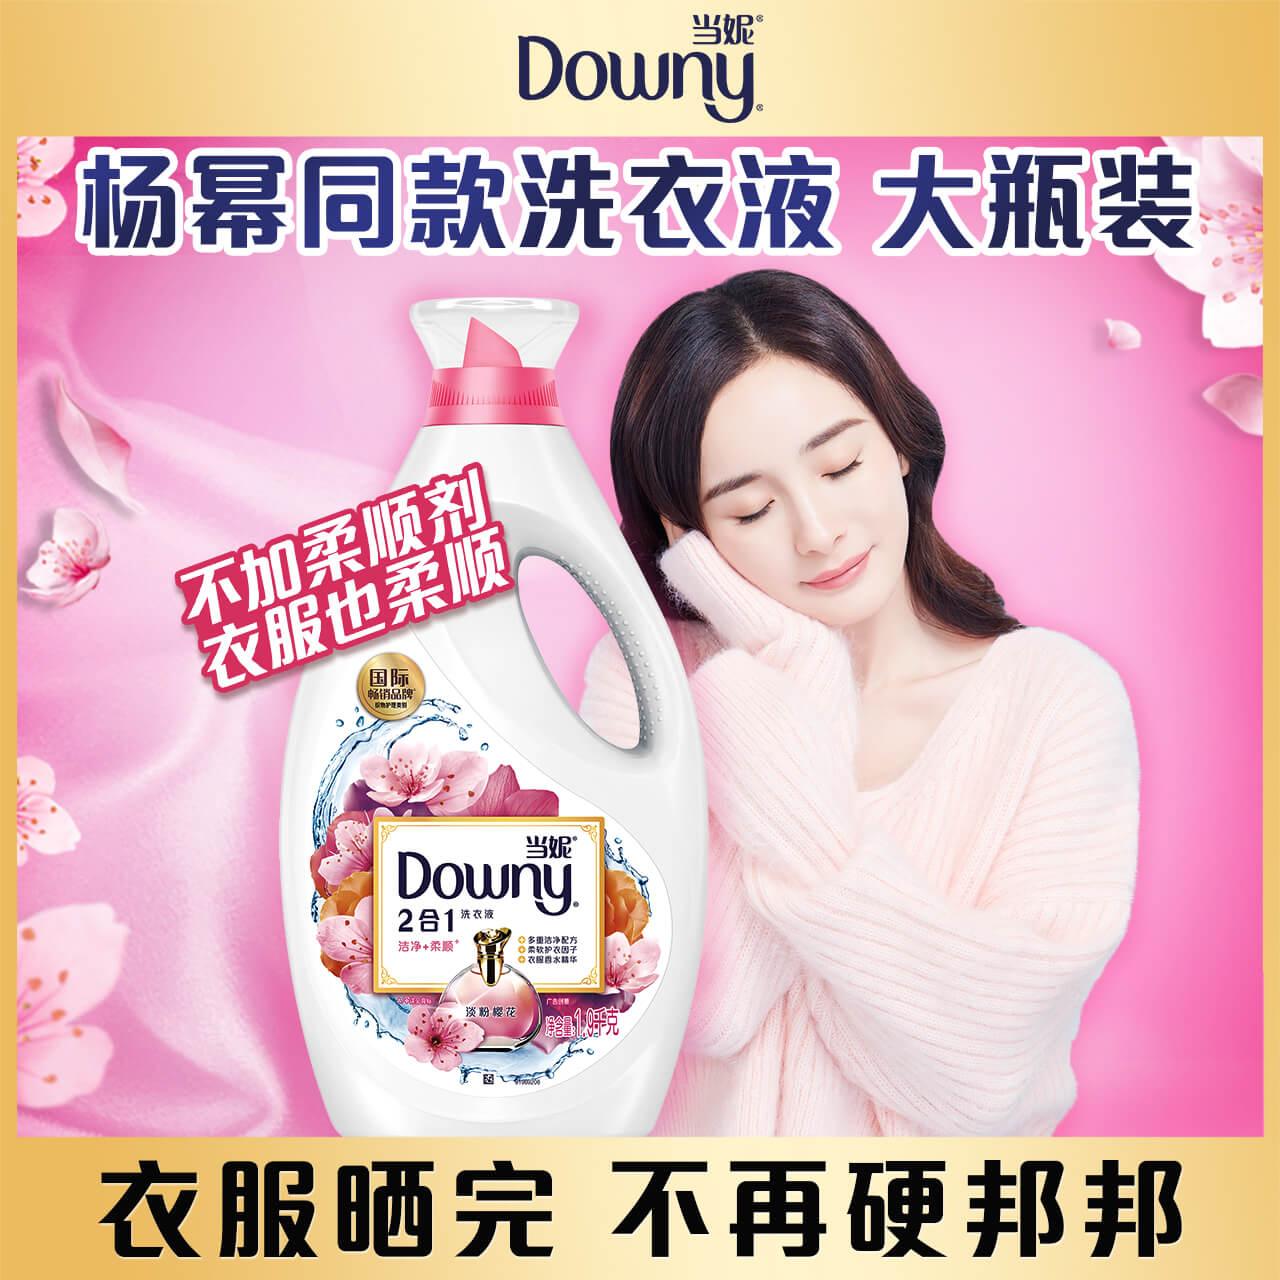 宝洁当妮Downy洁净柔顺2合1洗衣液护理促销1.9KG淡雅樱花香味持久